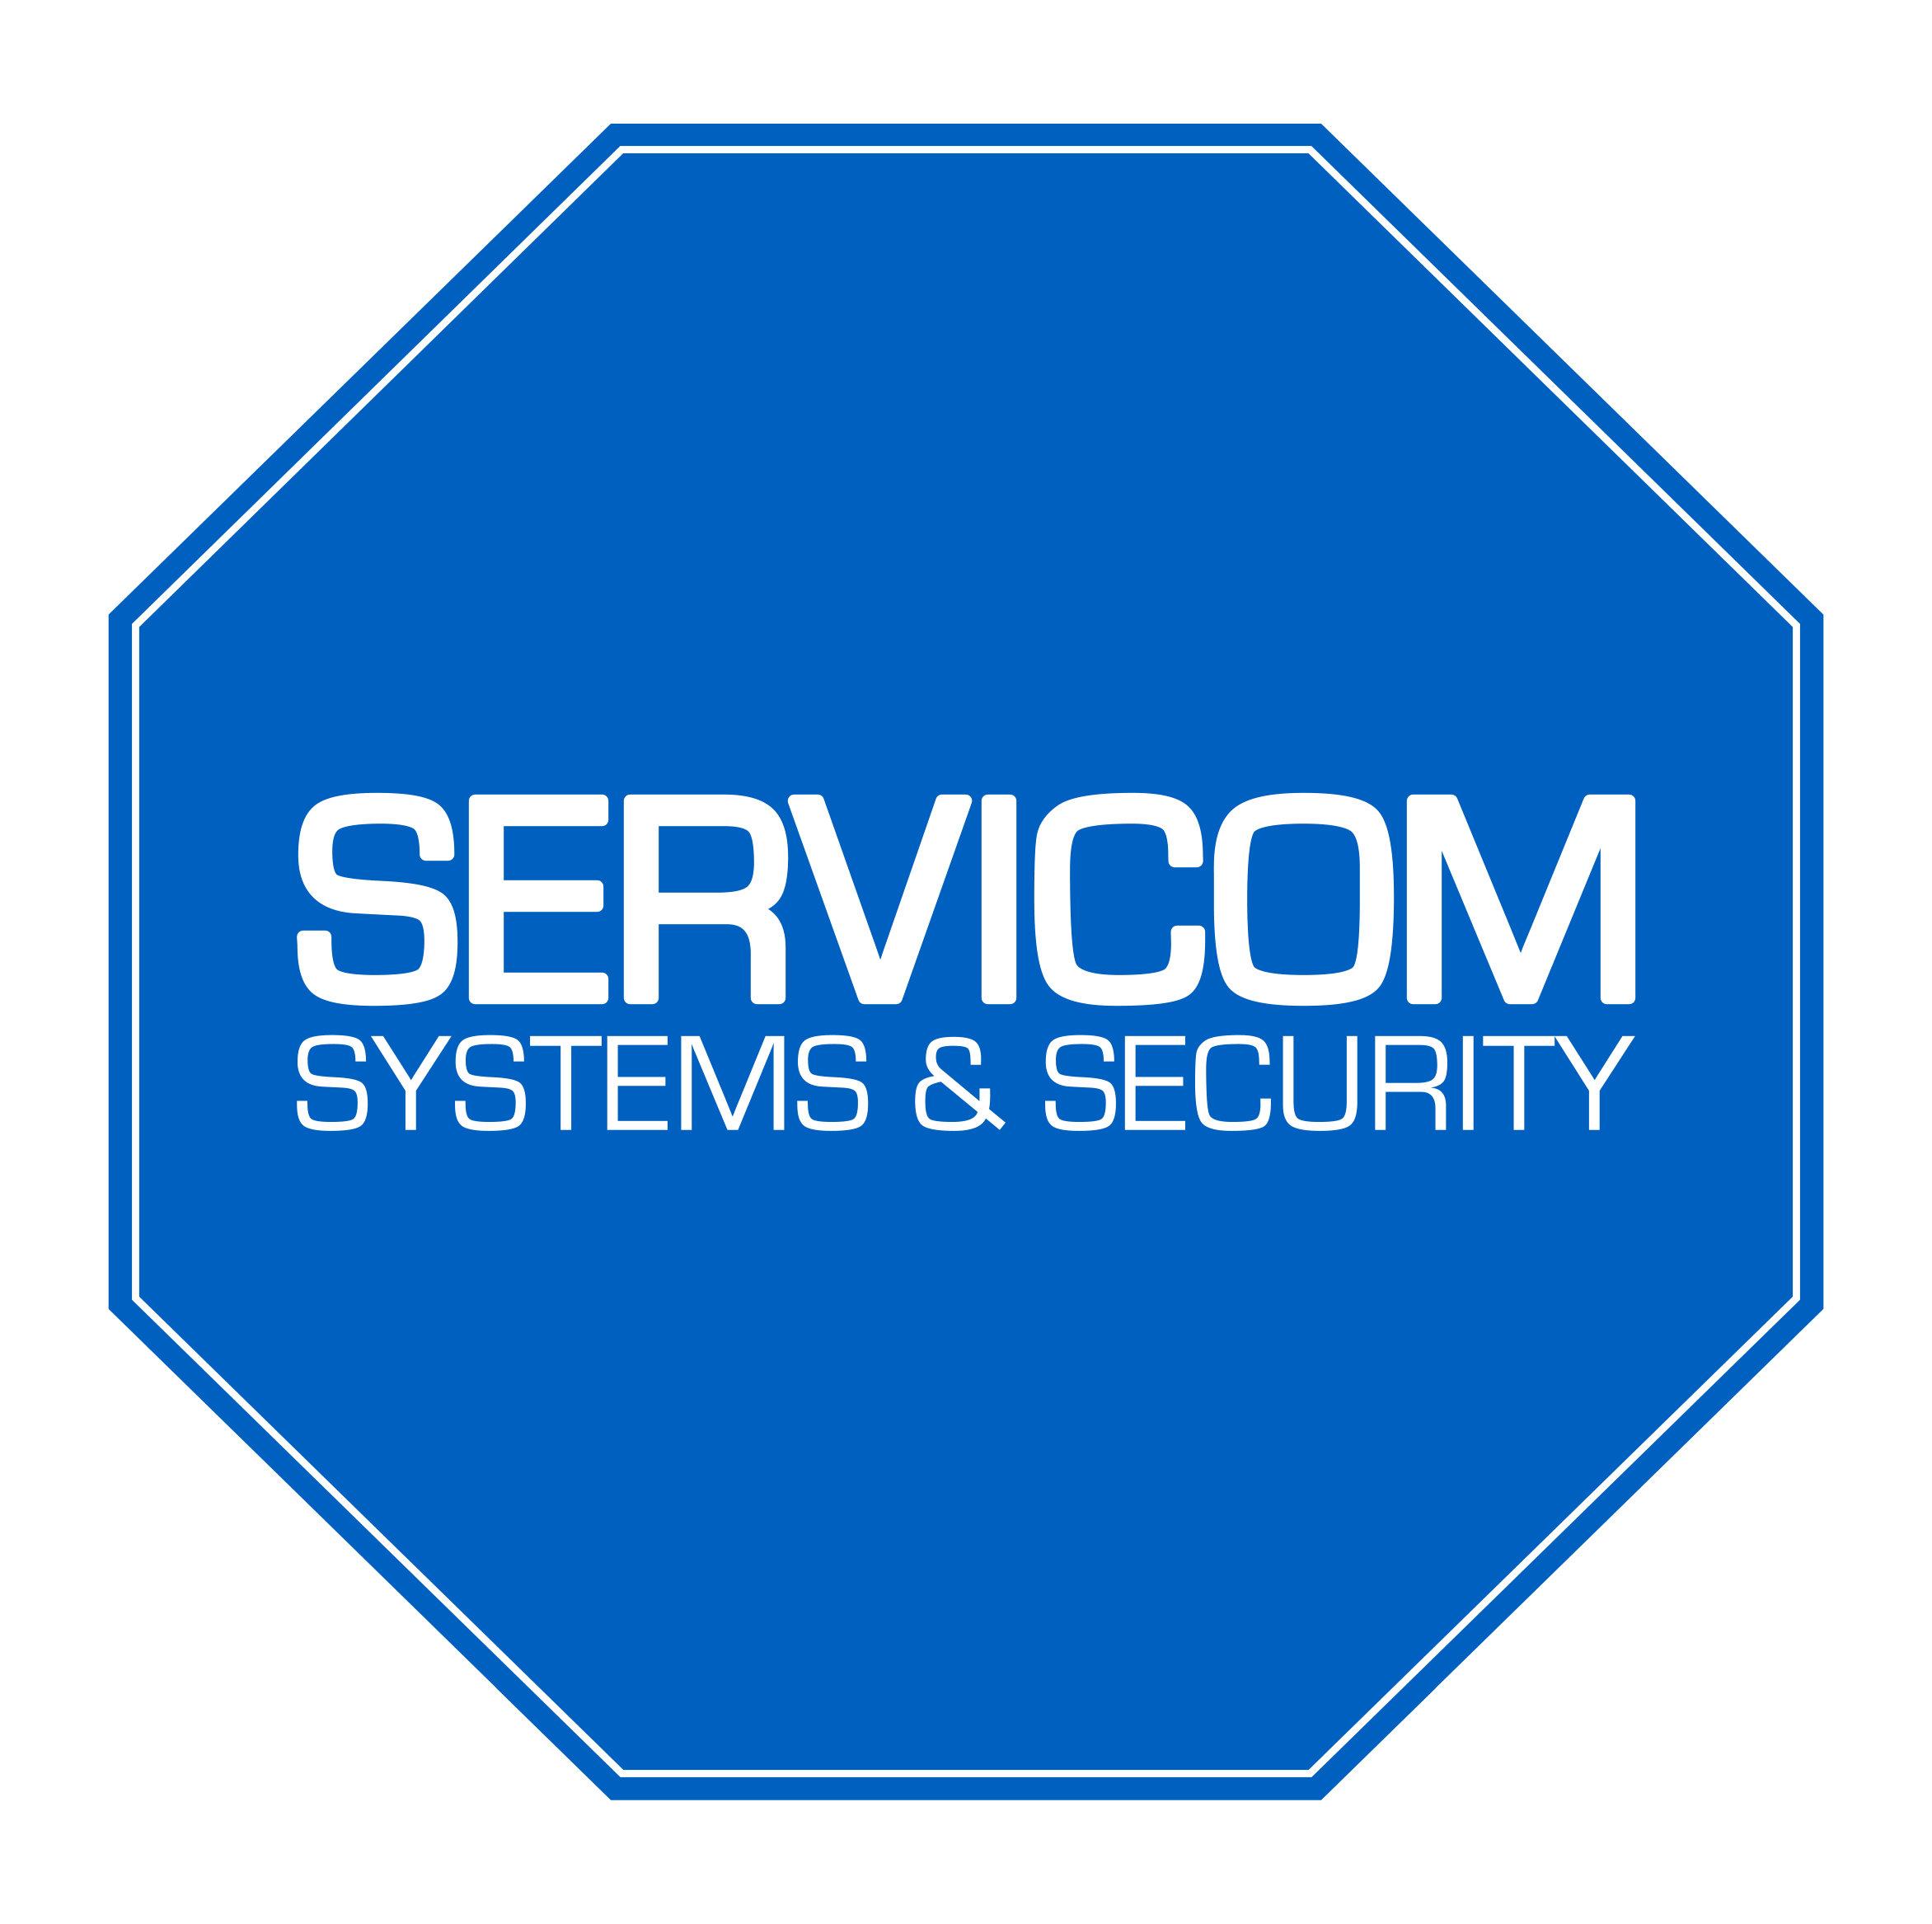 Servicom Systems&security